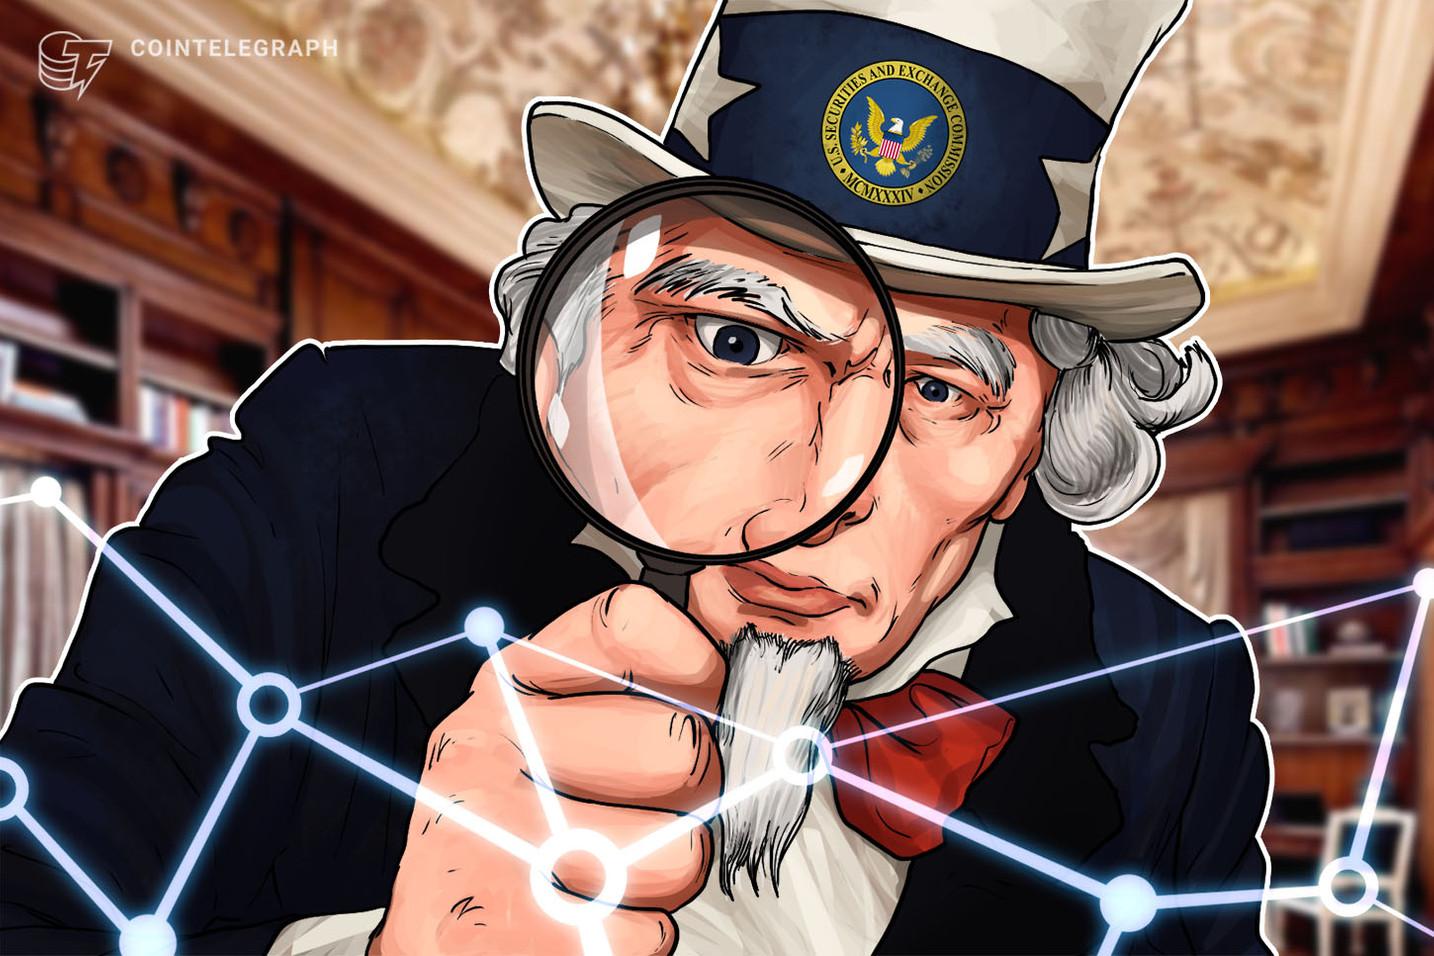 El regulador de valores de EE. UU. solicita empresas de análisis de blockchain para revisión de datos